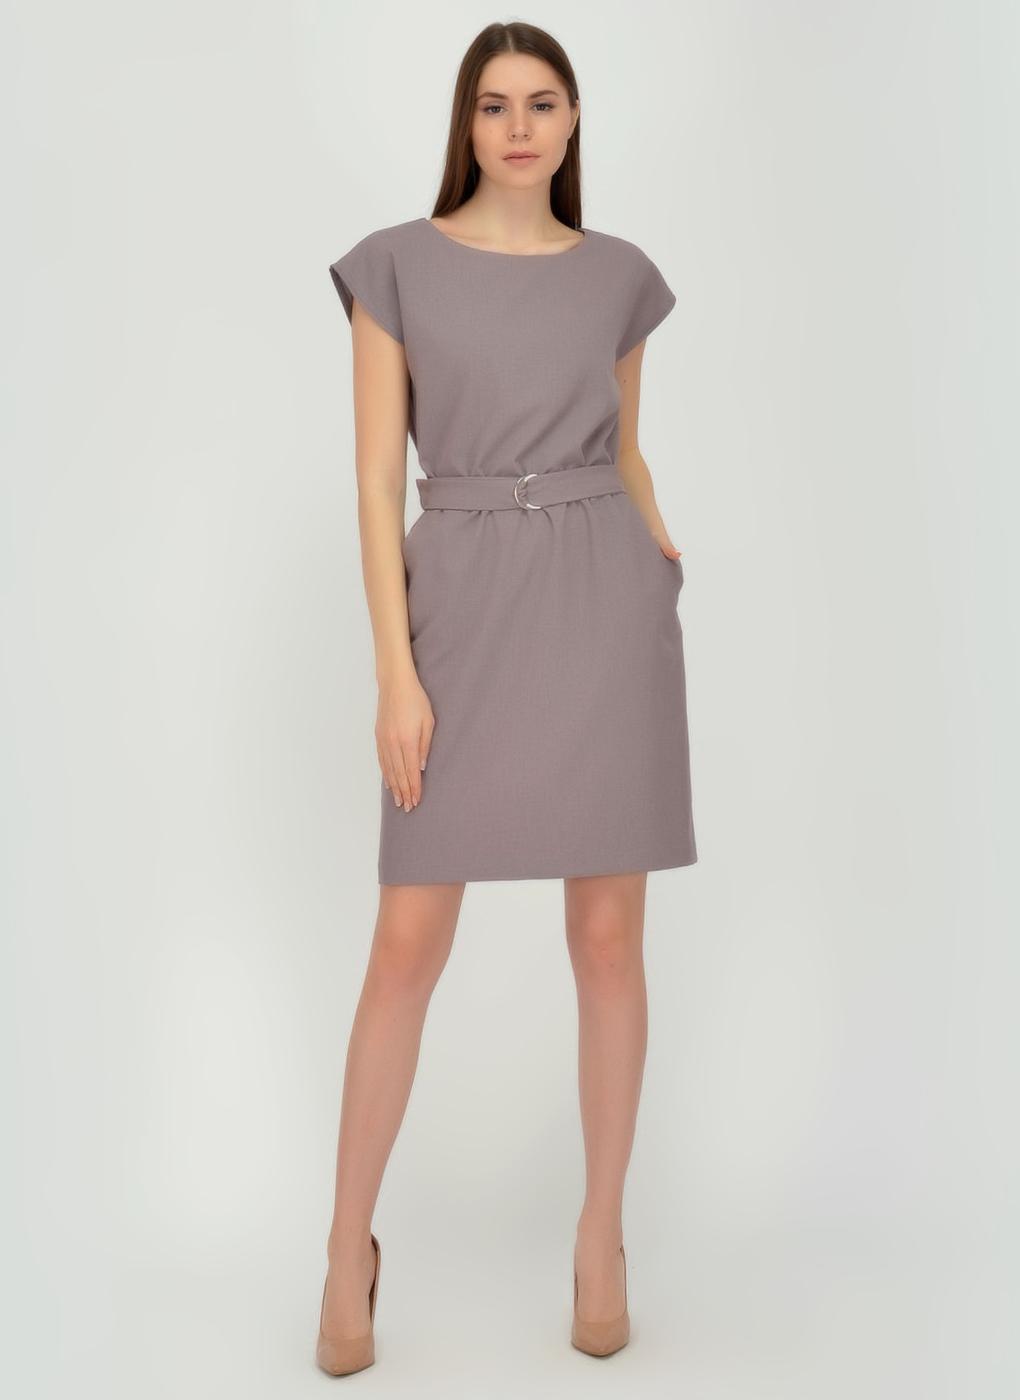 Платье 17, VISERDI фото